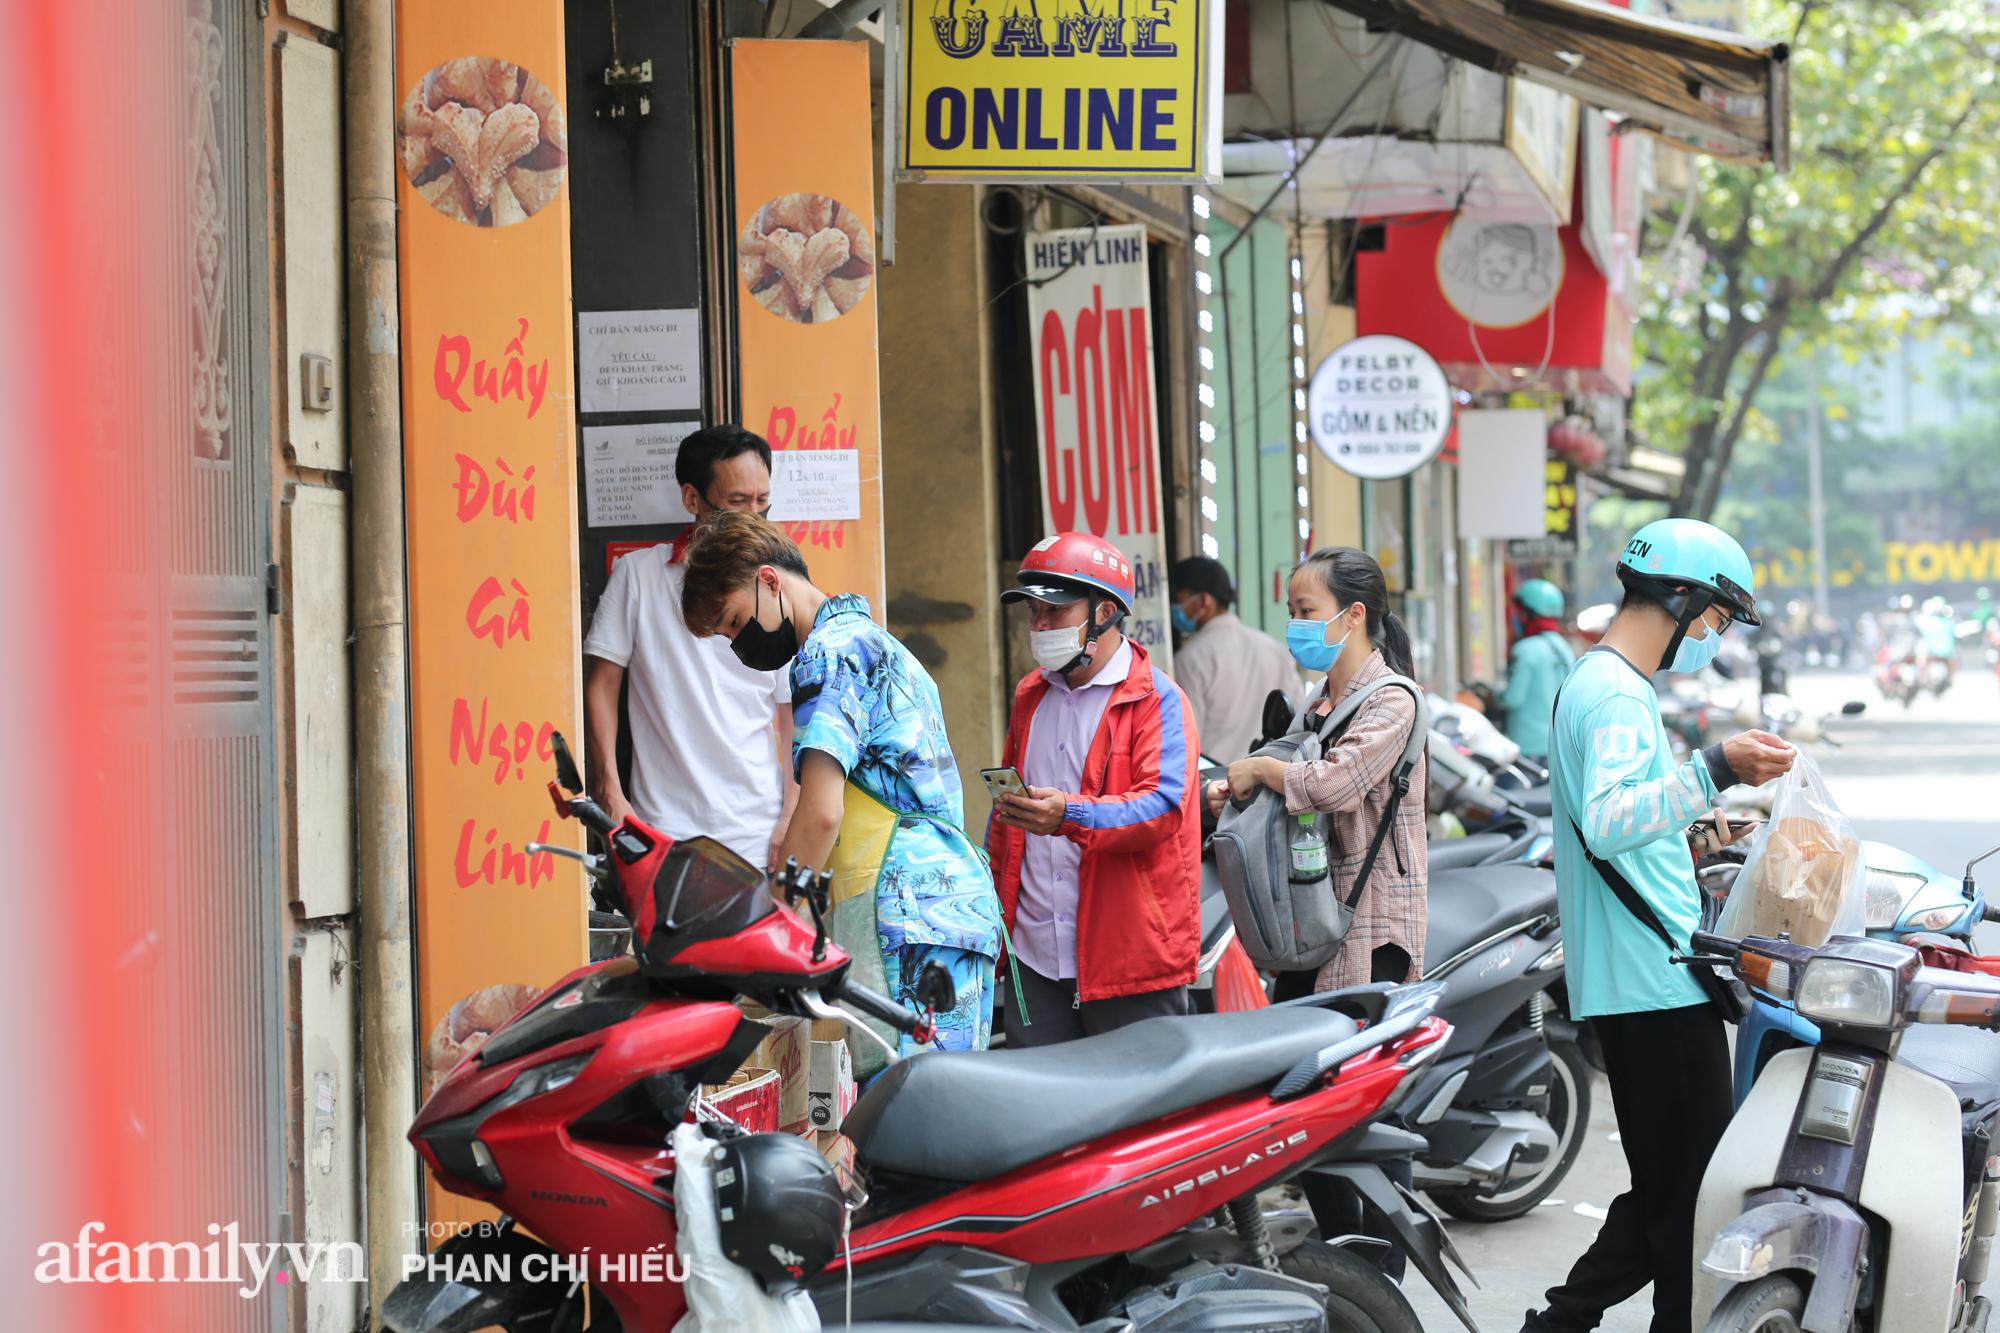 """Quán quẩy đùi gà 30 năm nức tiếng tại Hà Nội, ngày bán ra lò đều tay 2 vạn chiếc, """"mùa Covid-19"""" nhưng làm cả ngày cũng chẳng hết việc - Ảnh 8."""